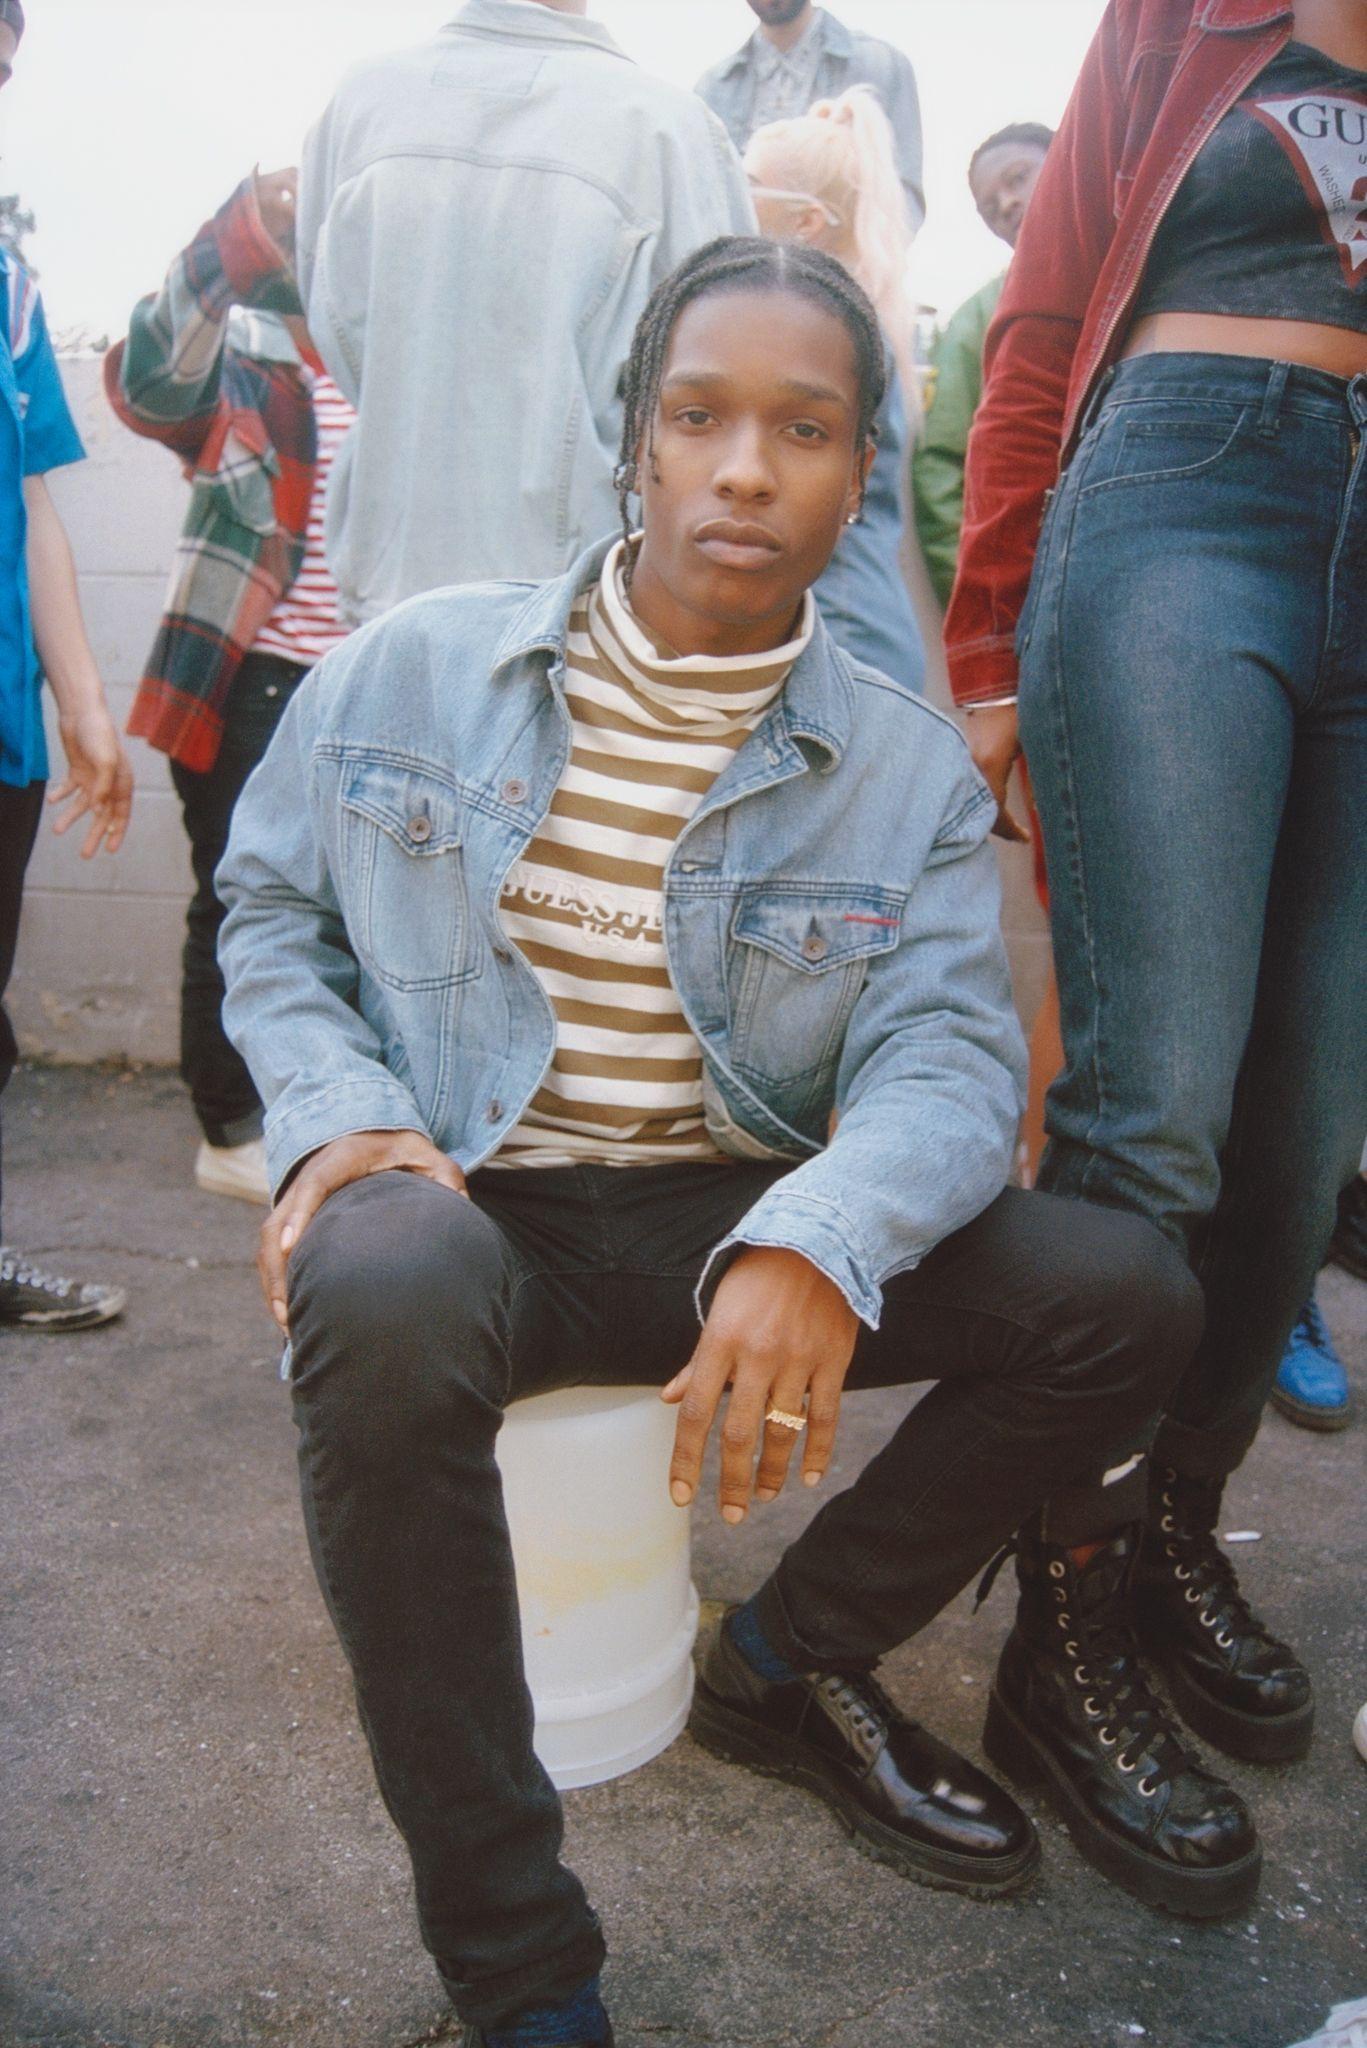 6dac59c346bd A$AP Rocky Isn't Following Kanye's Fashion Path — & That's Totally